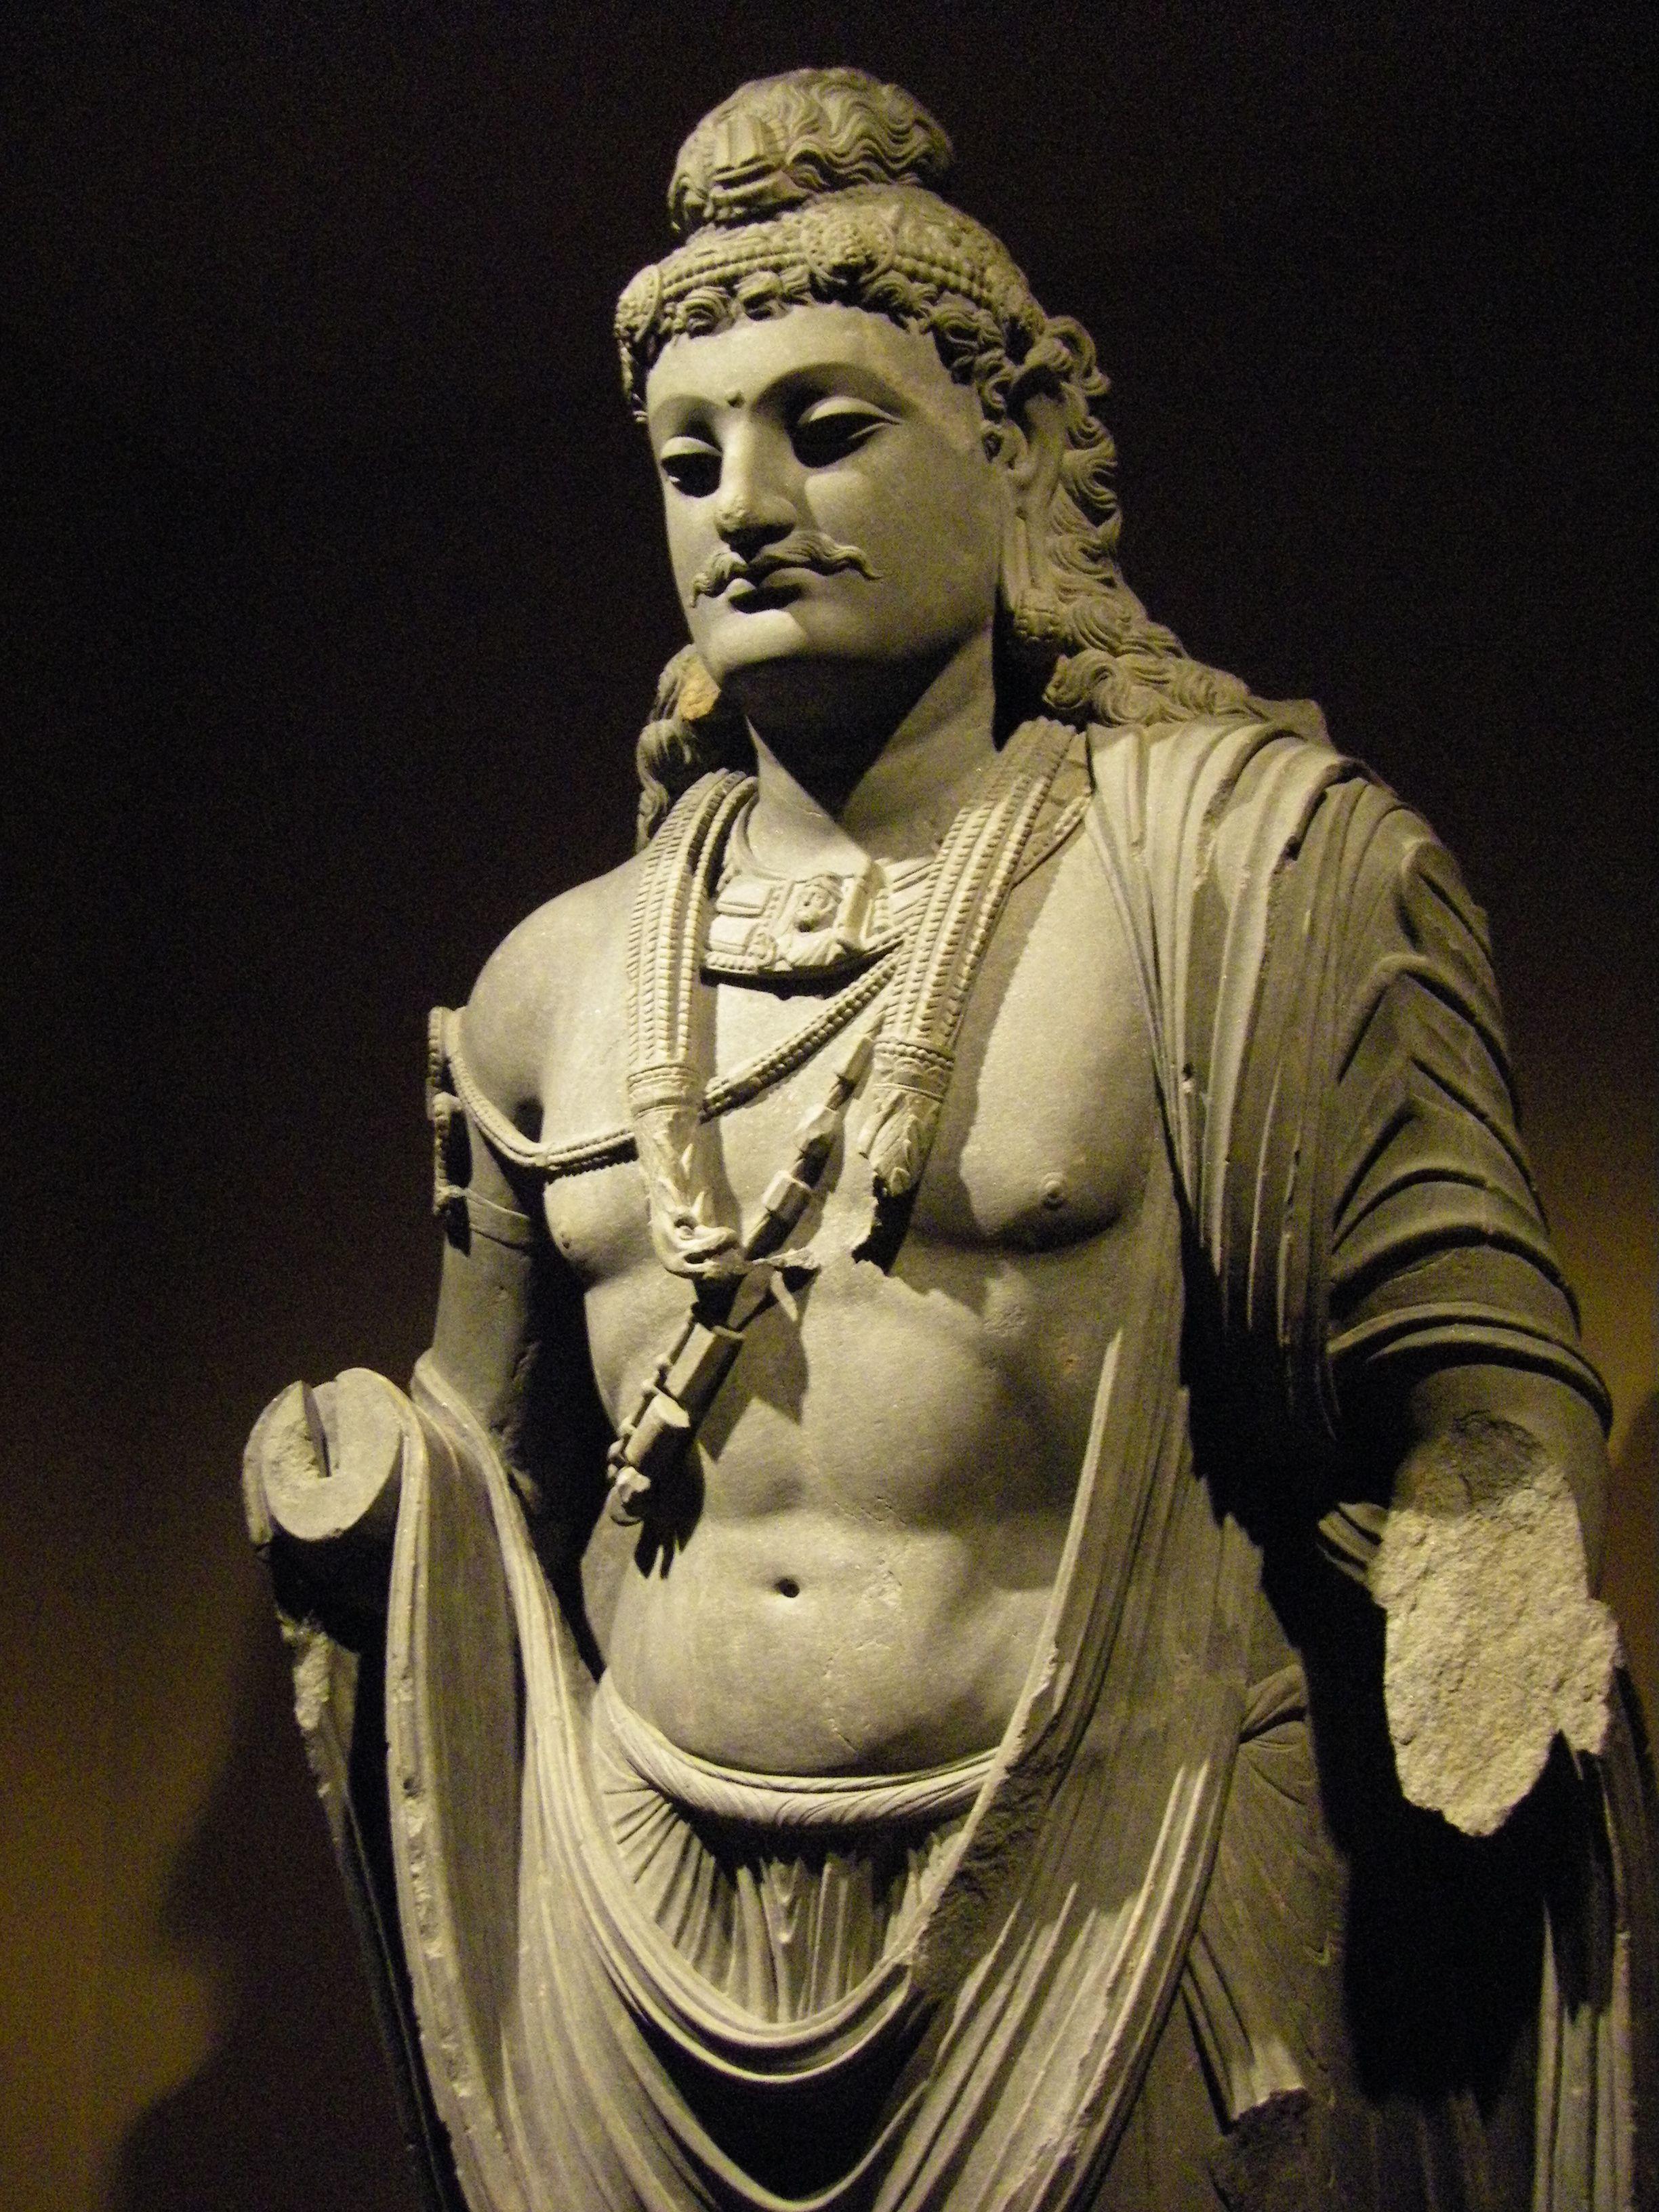 Pakistan Gandhara Art Heritage Boddhisatva Buddha To Be San Diego Museum Of Art Stone Sculpture Of A Gandharan Bodhisattva 2 Buddha Buddha Buddhism Statue